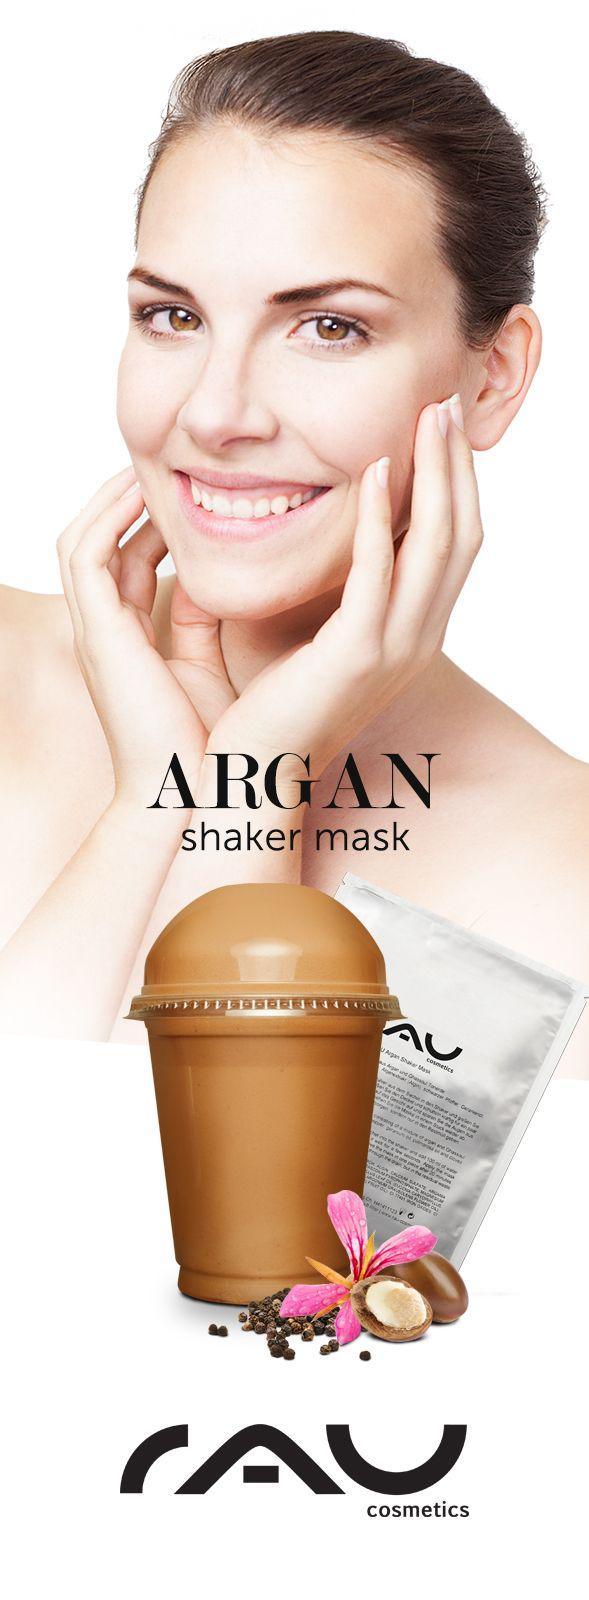 NEUE Peel-Off Maske von RAU Cosmetics mit Argan und Ghassoul Tonerde für unreine Haut! www.rau-cosmetics.de/detail/index/sArticle/230 - schützt, pflegt & reinigt die Haut - beschleunigt die Wundheilung - entzündungshemmend & beruhigend  - OHNE Mineralöle, Silikonöle & Parabene - OHNE PEG's  #peeloff #mask #facemask #gesichtspflege #hautpflege #skincare #cosmetics #kosmetik #argan